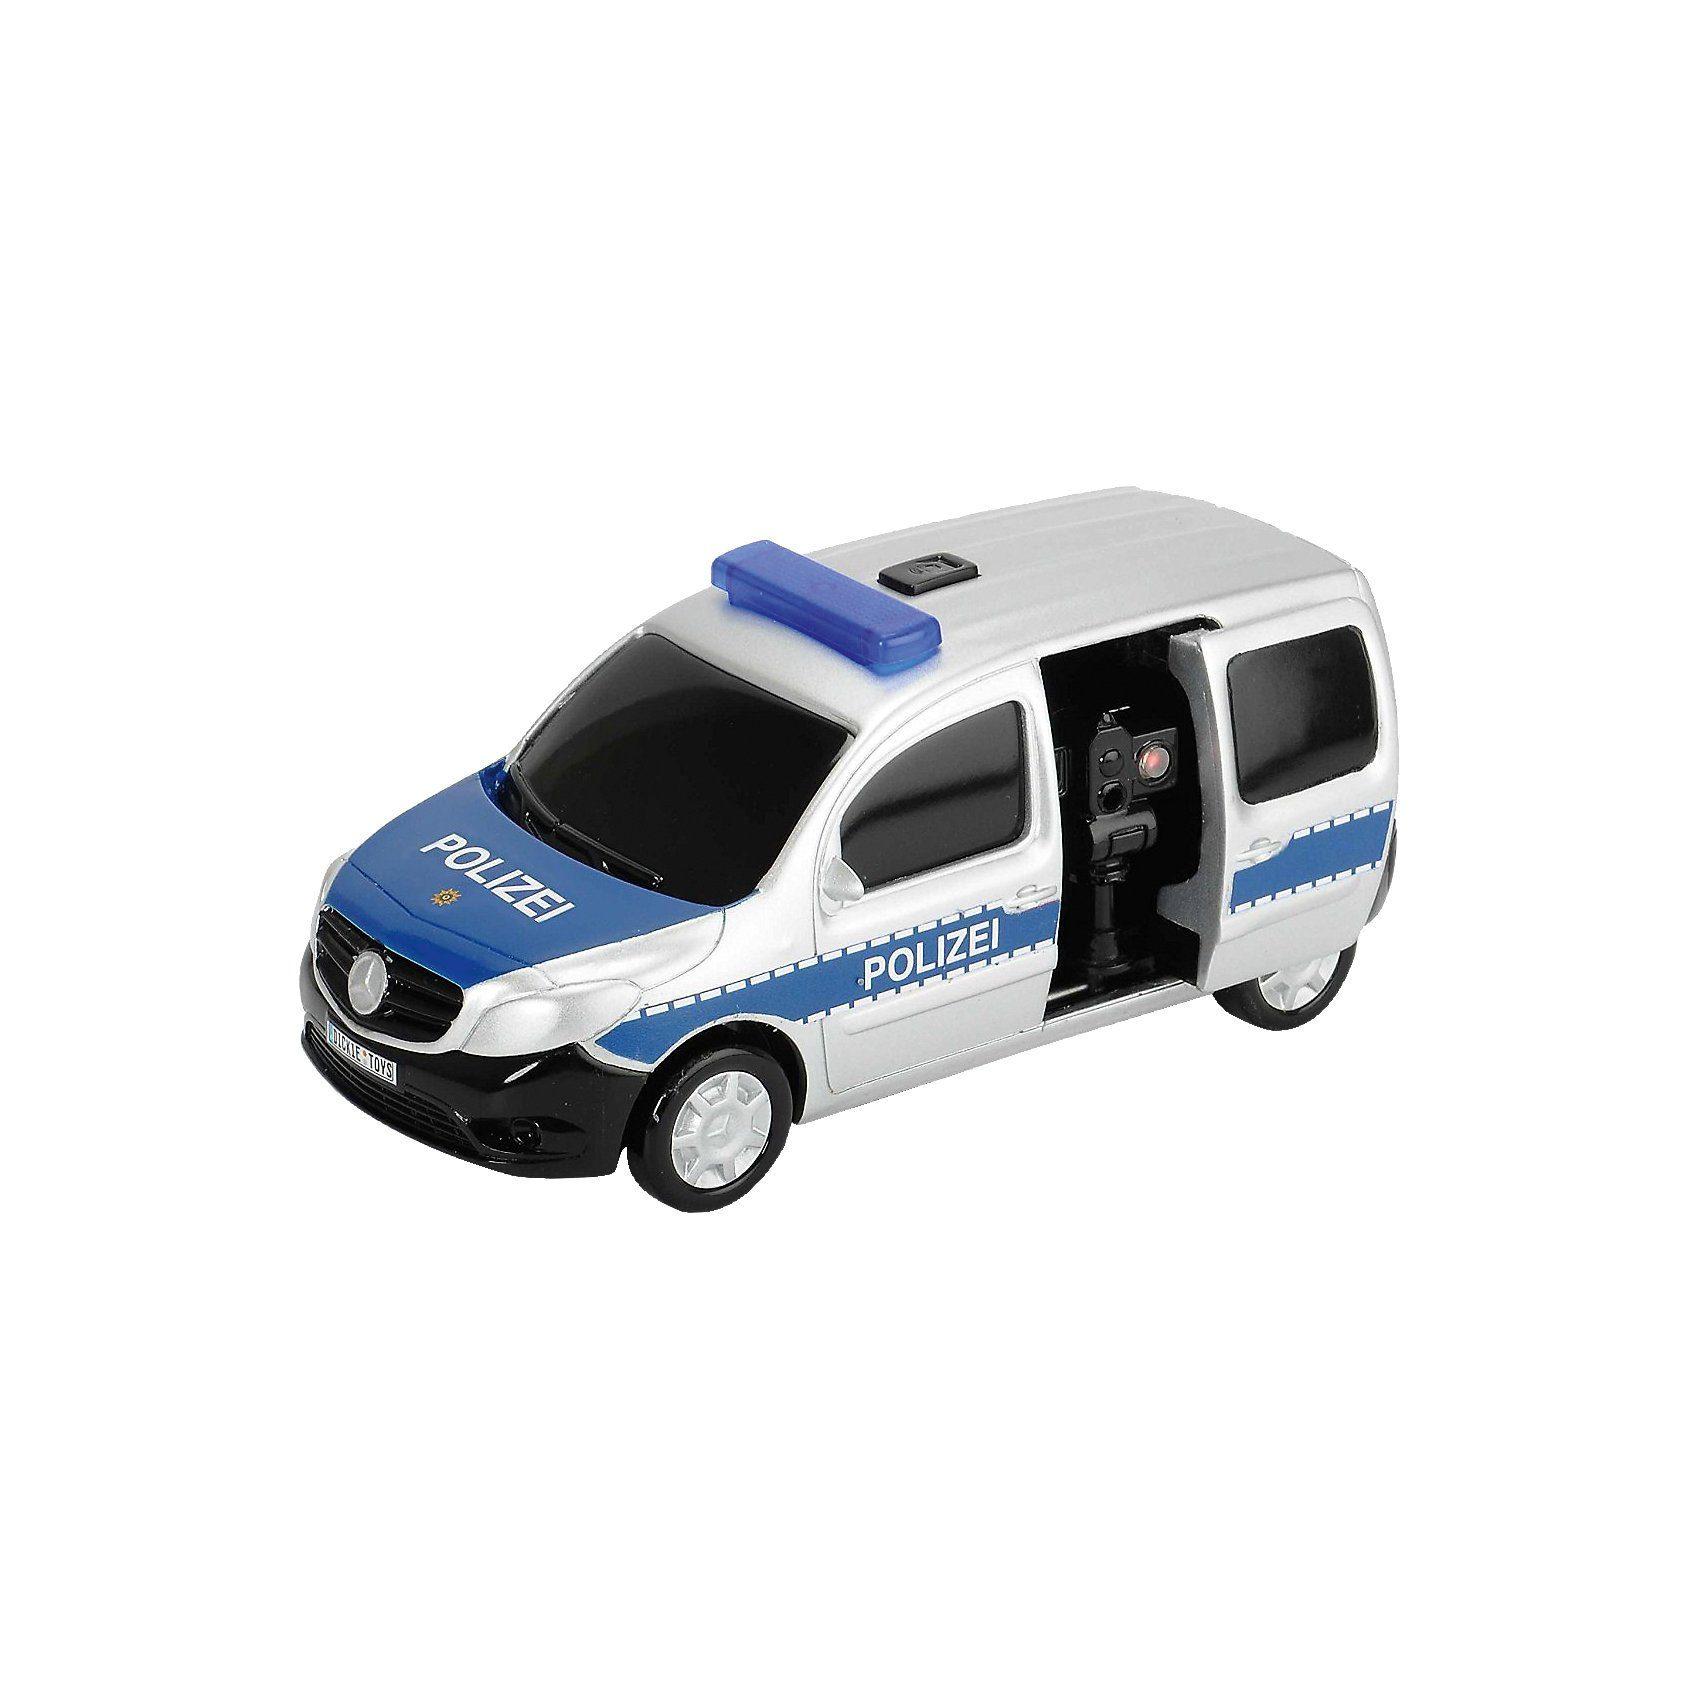 Dickie Toys Polizei Radar Falle - Blitzer